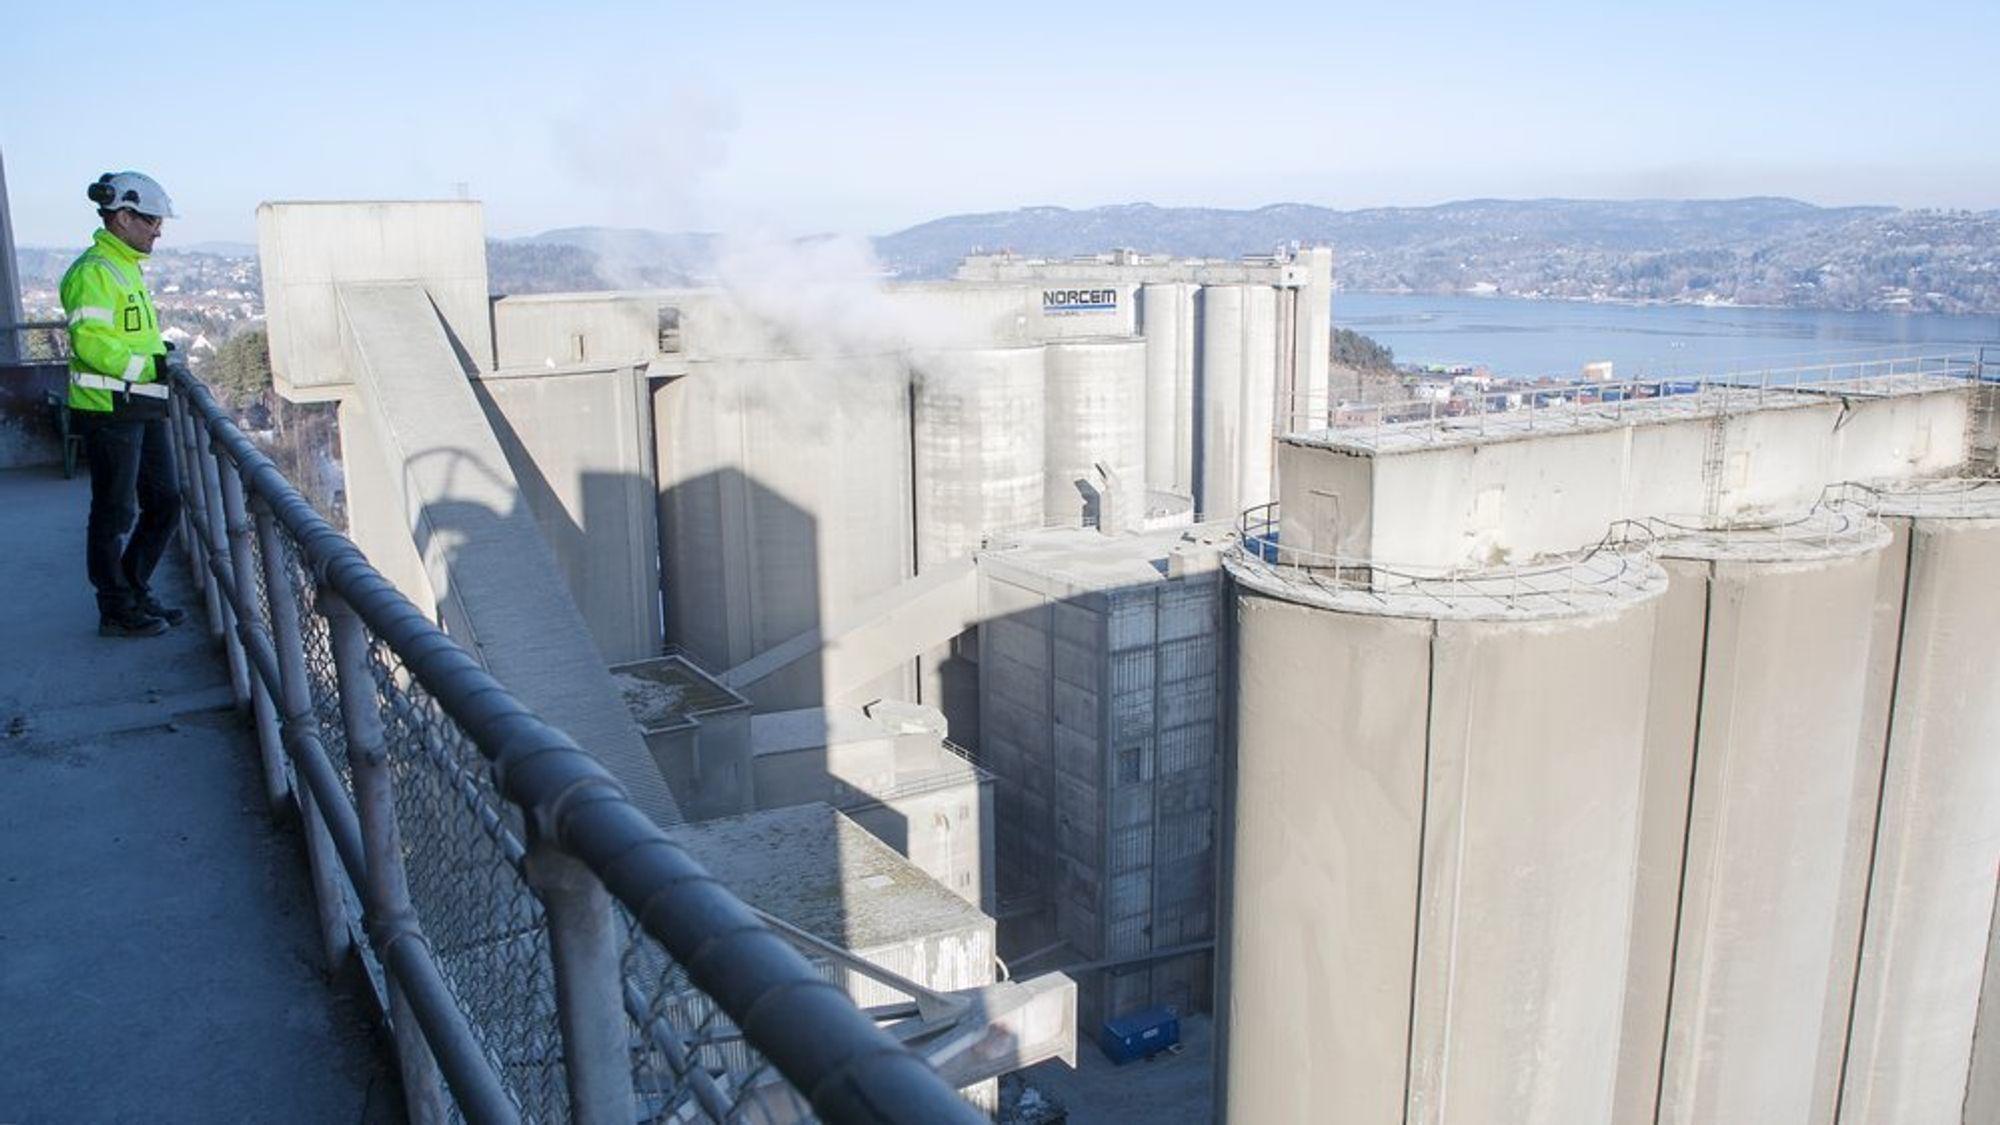 Norcem i Brevik er én av tre prosjekter for CO2-fangst som det jobbes med i Norge - nå er det det eneste som får støtte til å fortsette.